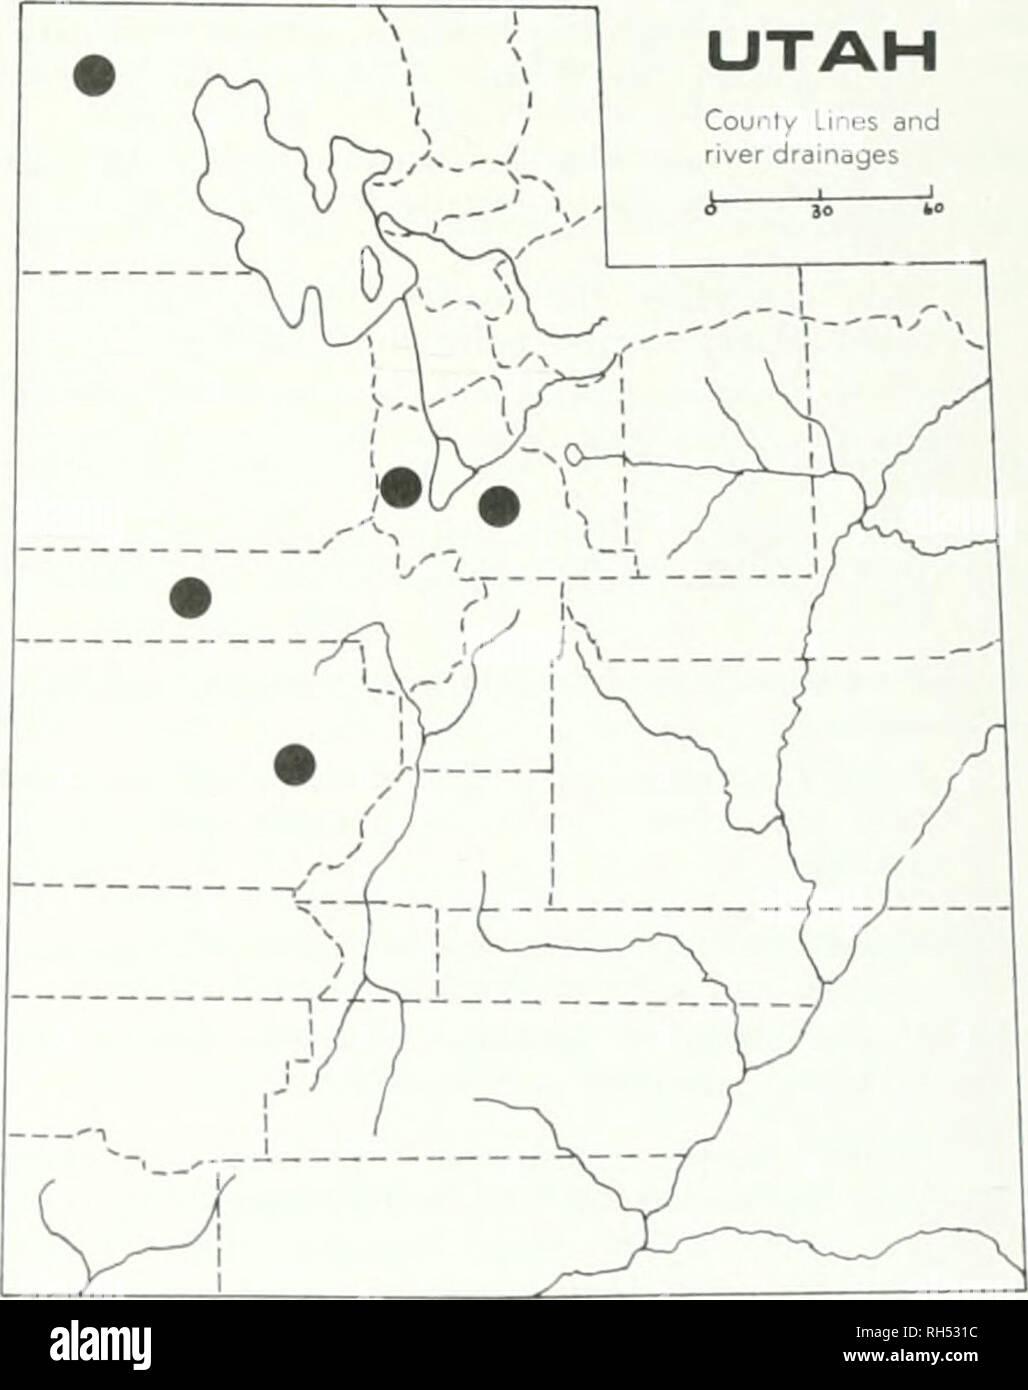 . Brigham Young University Science Bulletin. Biología -- publicaciones periódicas. Colocar;. 10. Cryptmttha uffiiii.s Las características más evidentes de esta especie son los obhquely nutlets comprimido que se traducen en la posición excéntrica de la ranura. Caché Co., a 10 millas de Smithfield Canyon, Hobson &Amp; Piranian 13775 (UTC); Inten'ale, Spring Hollow, B .Iaguire 1.38.39 (UTC); White Pine Lake, B. Maguire 16256 (UTC); Logan Canyon, el resorte hueco, B. Ma- guire 13778 (UTC); Daggett Co., Flaming Gorge, L. William.s 473 (UTC); Duchesne Co., 10 millas al norte de Altonah, J. Brotherson 646 (BRY); Juab Co., Gran Foto de stock